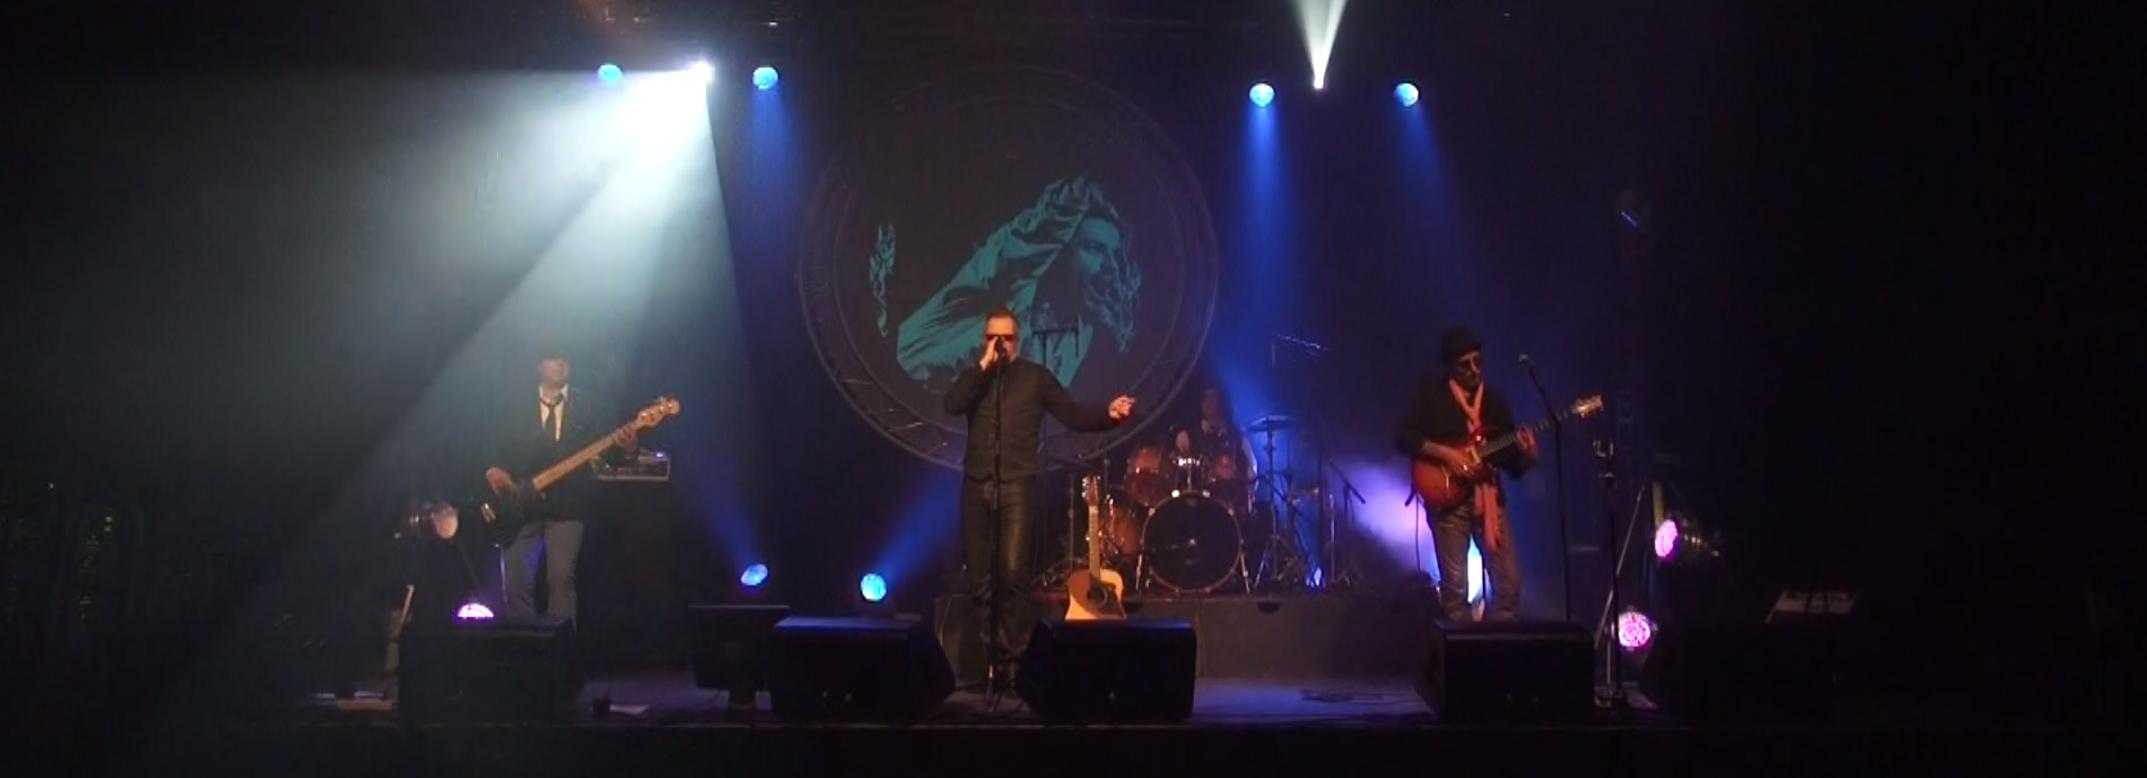 Capture d'écran 2014-04-20 à 21.10.05.png